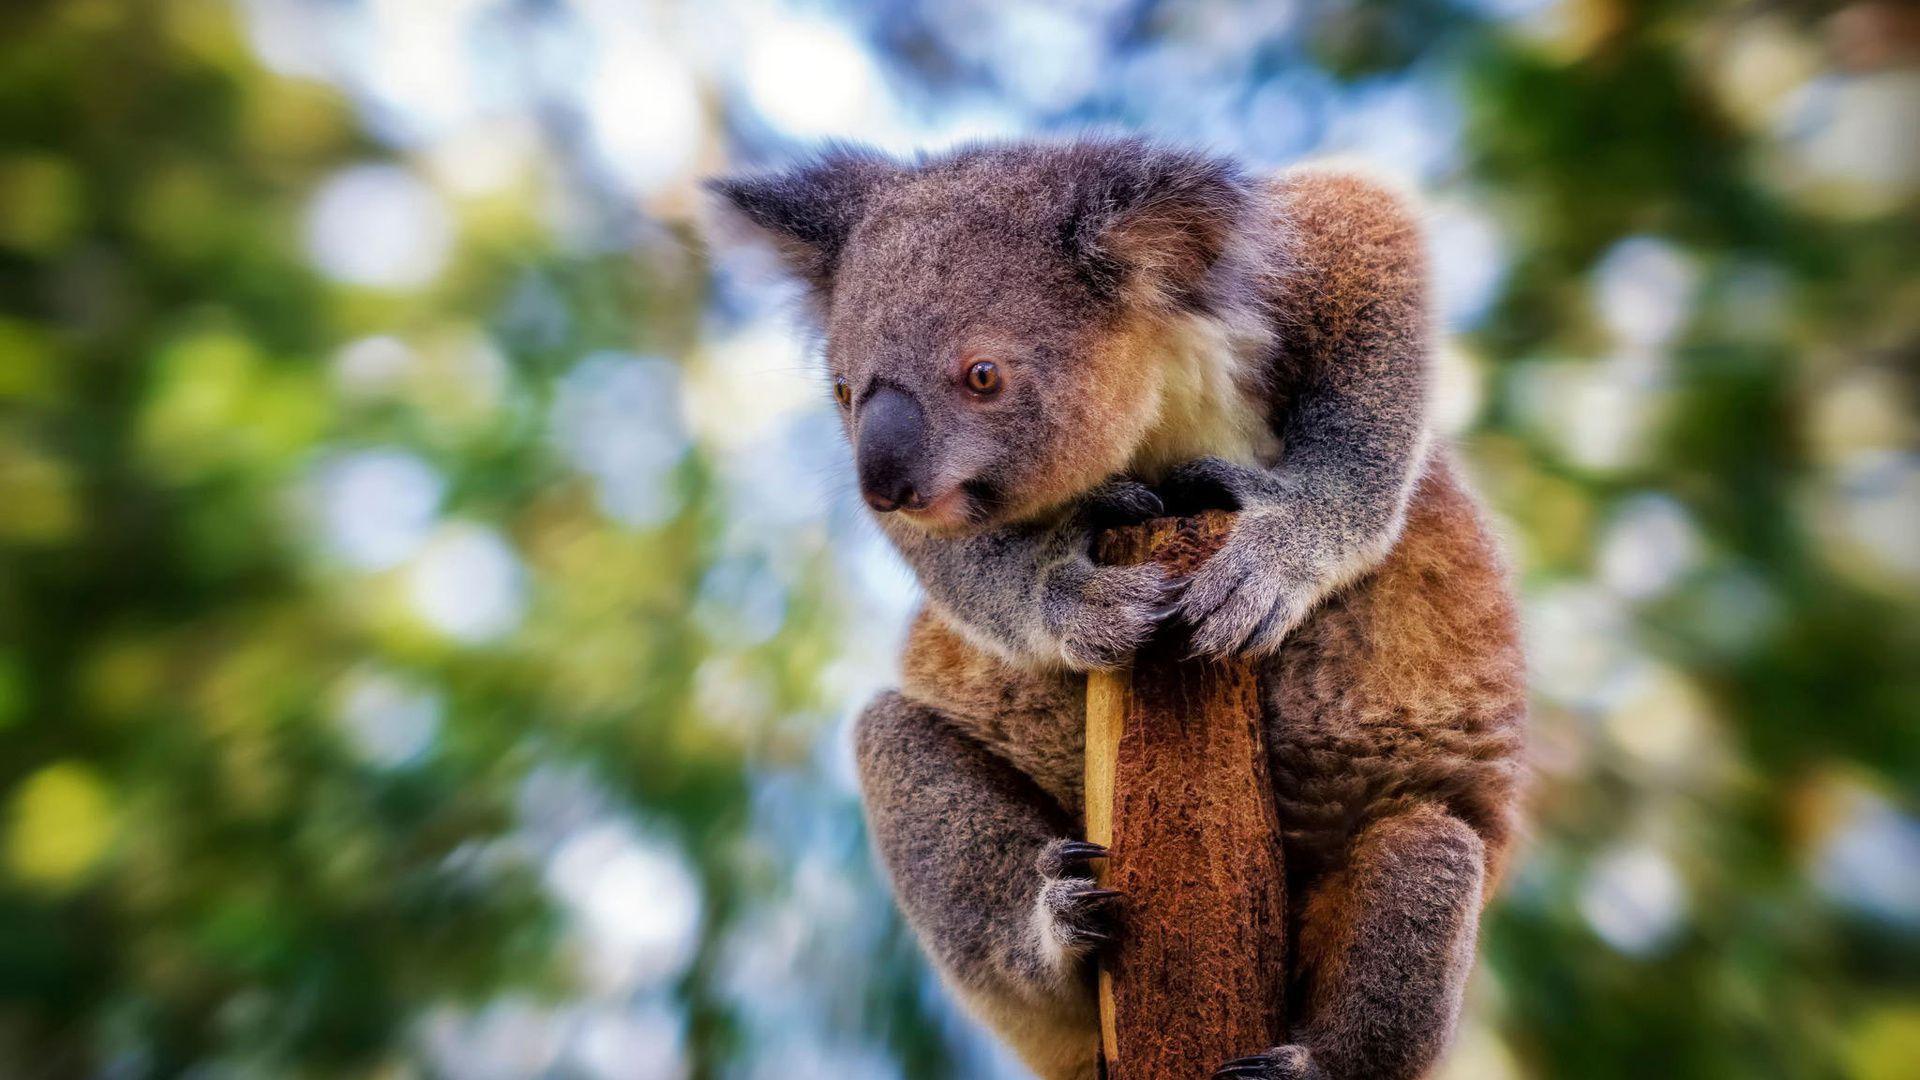 Koala Wallpaper For Laptop